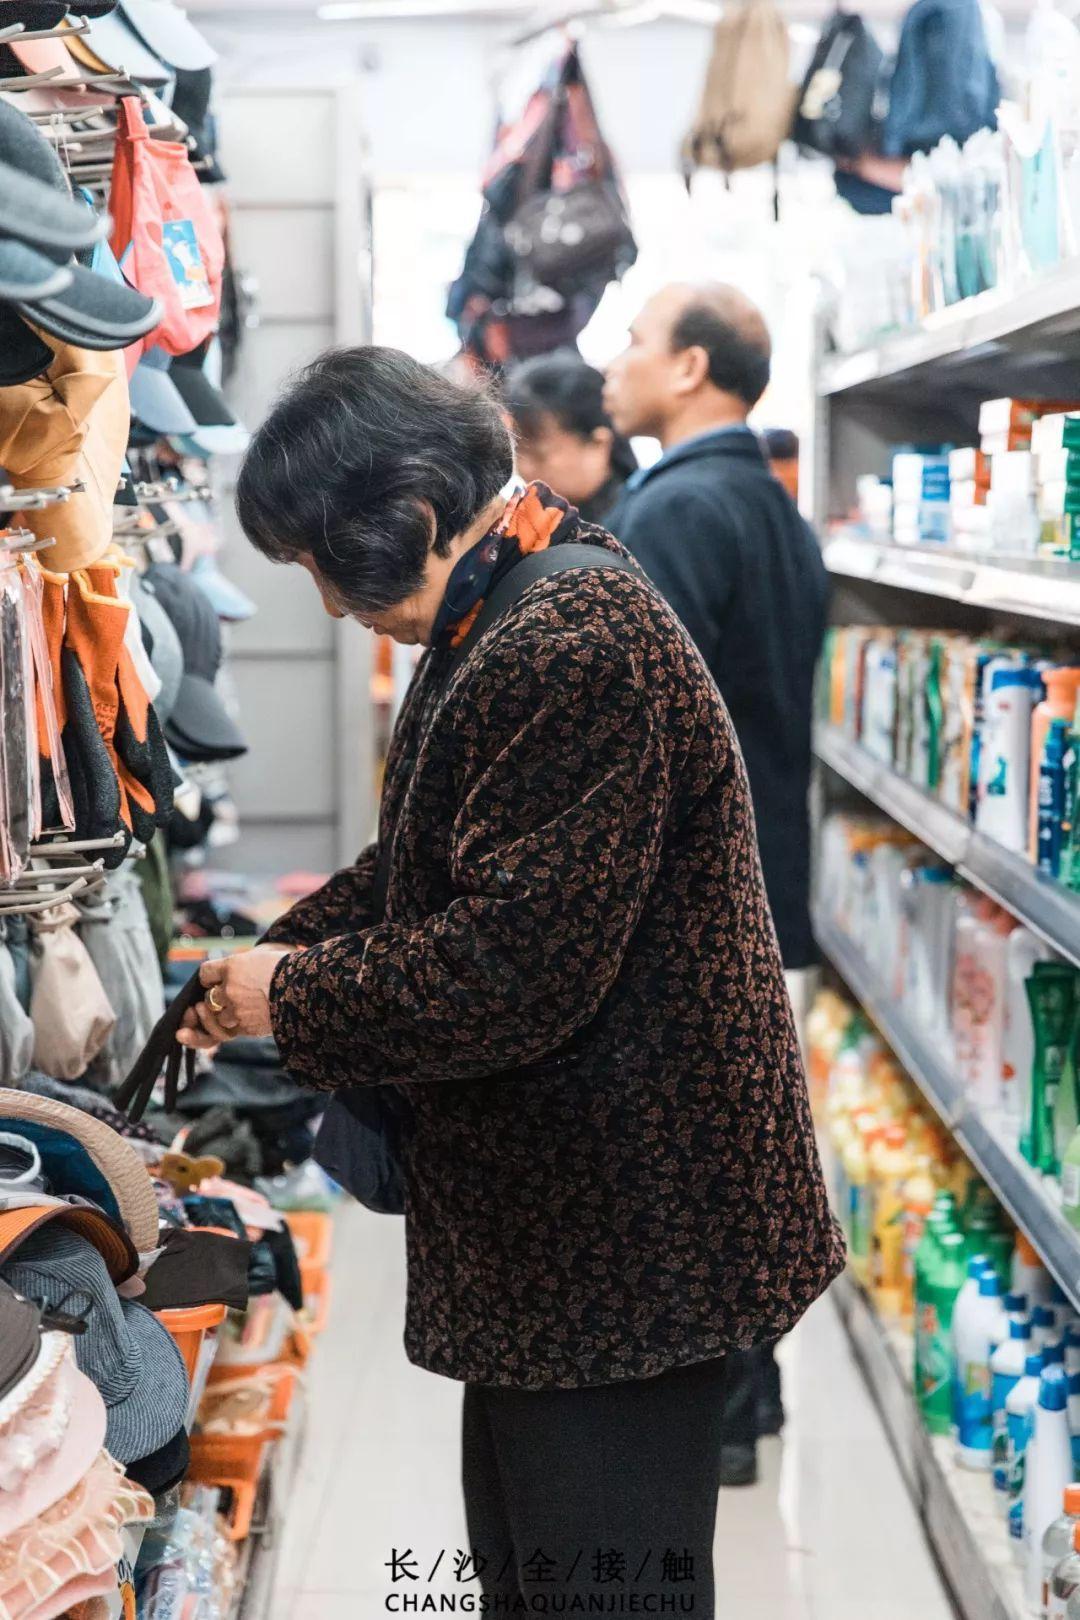 长沙这家特色杂货店,娭毑逛了20年-熊世界